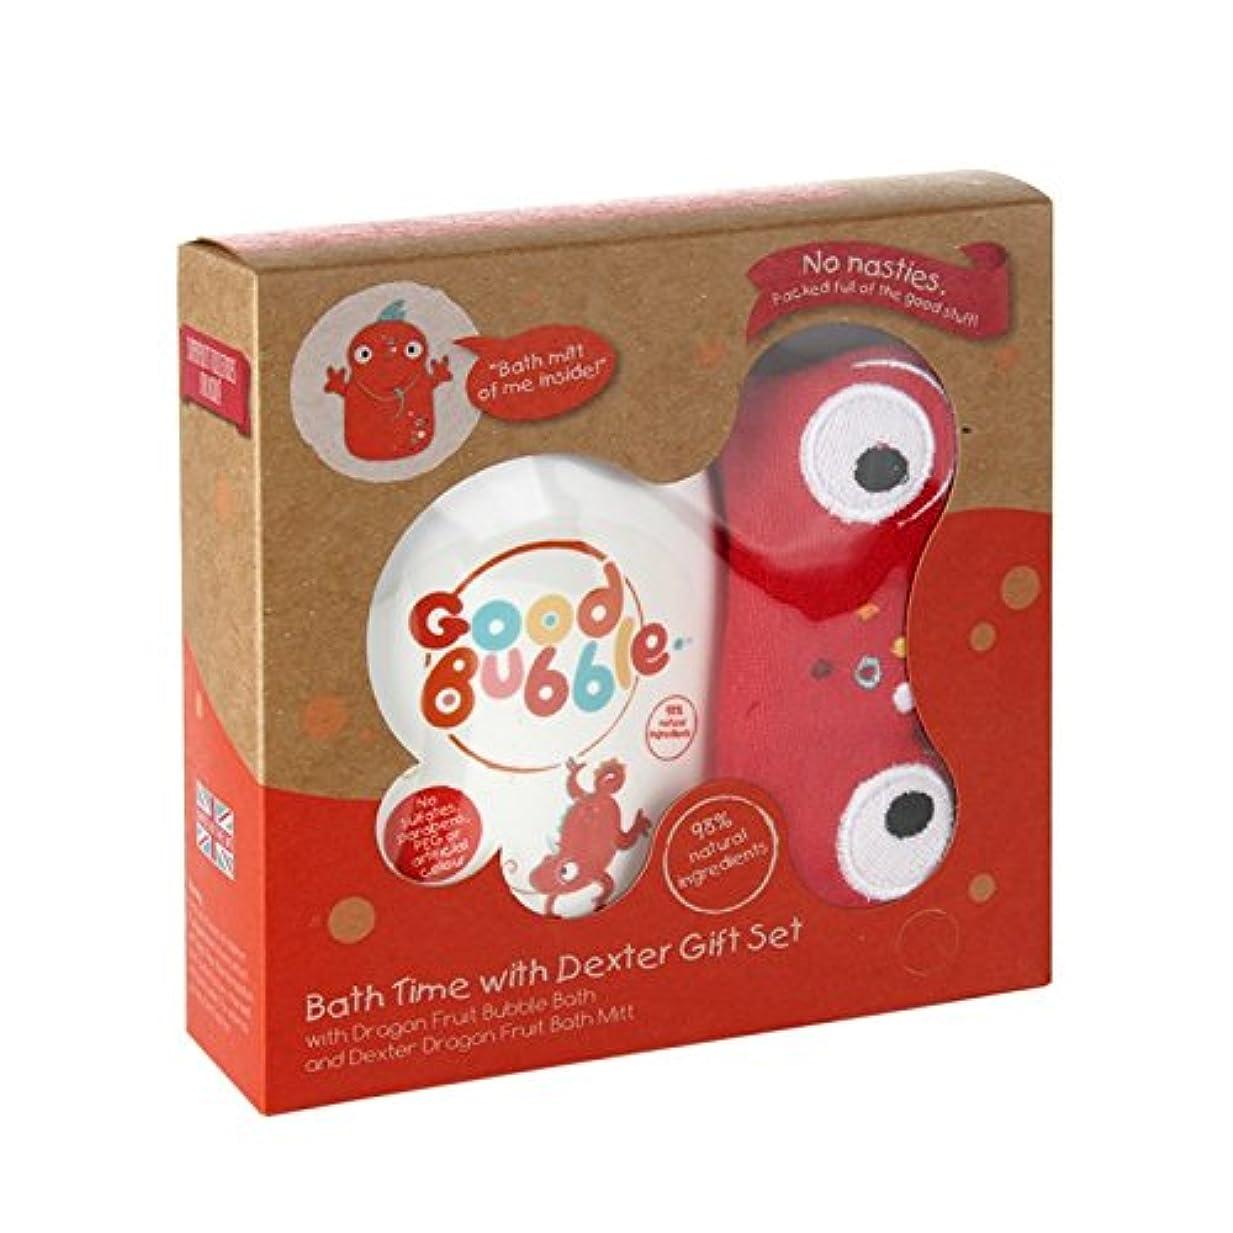 スクラップブック研究所虐待Good Bubble Dexter Dragonfruit Gift Set 550g (Pack of 6) - 良いバブルデクスターDragonfruitギフトセット550グラム (x6) [並行輸入品]